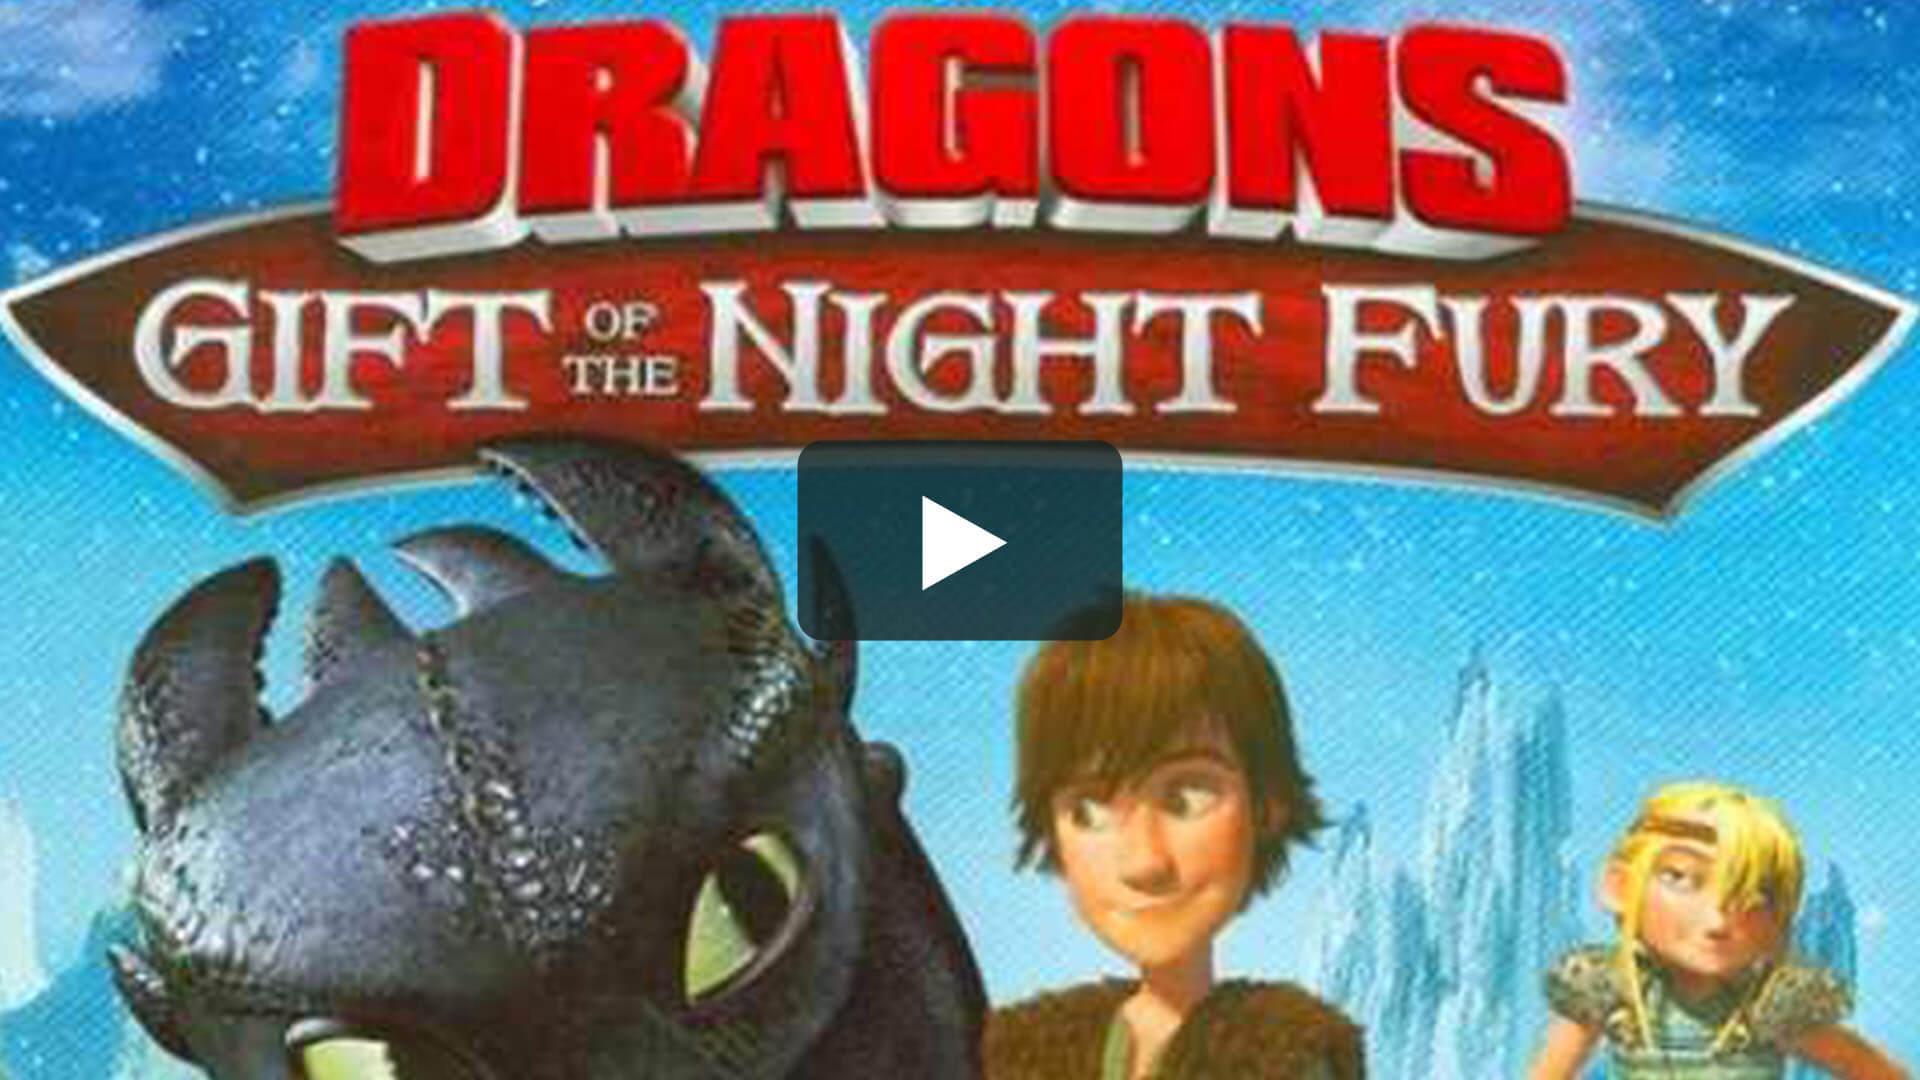 馴龍高手番外篇:龍的禮物 Dragons: Gift of the Night Fury